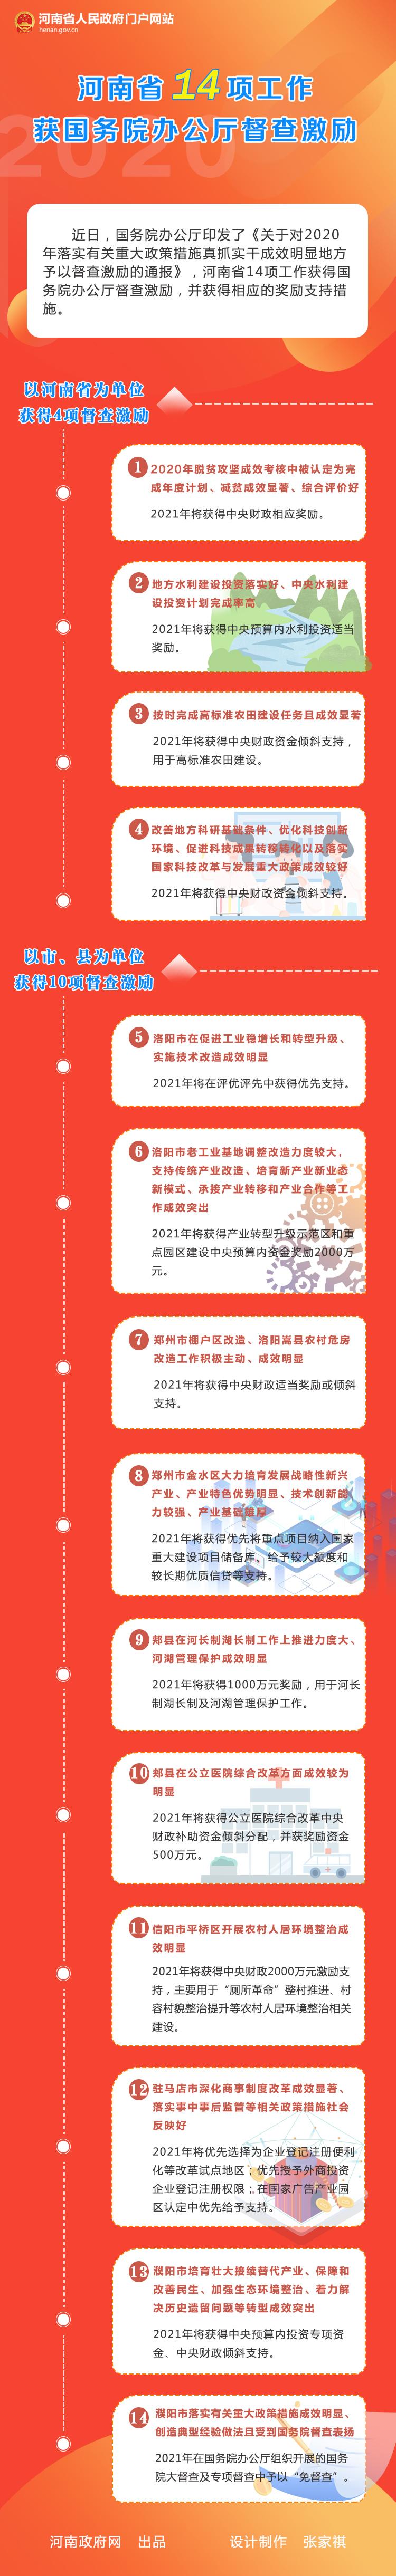 图解:河南省14项工作获国务院办公厅督查激励